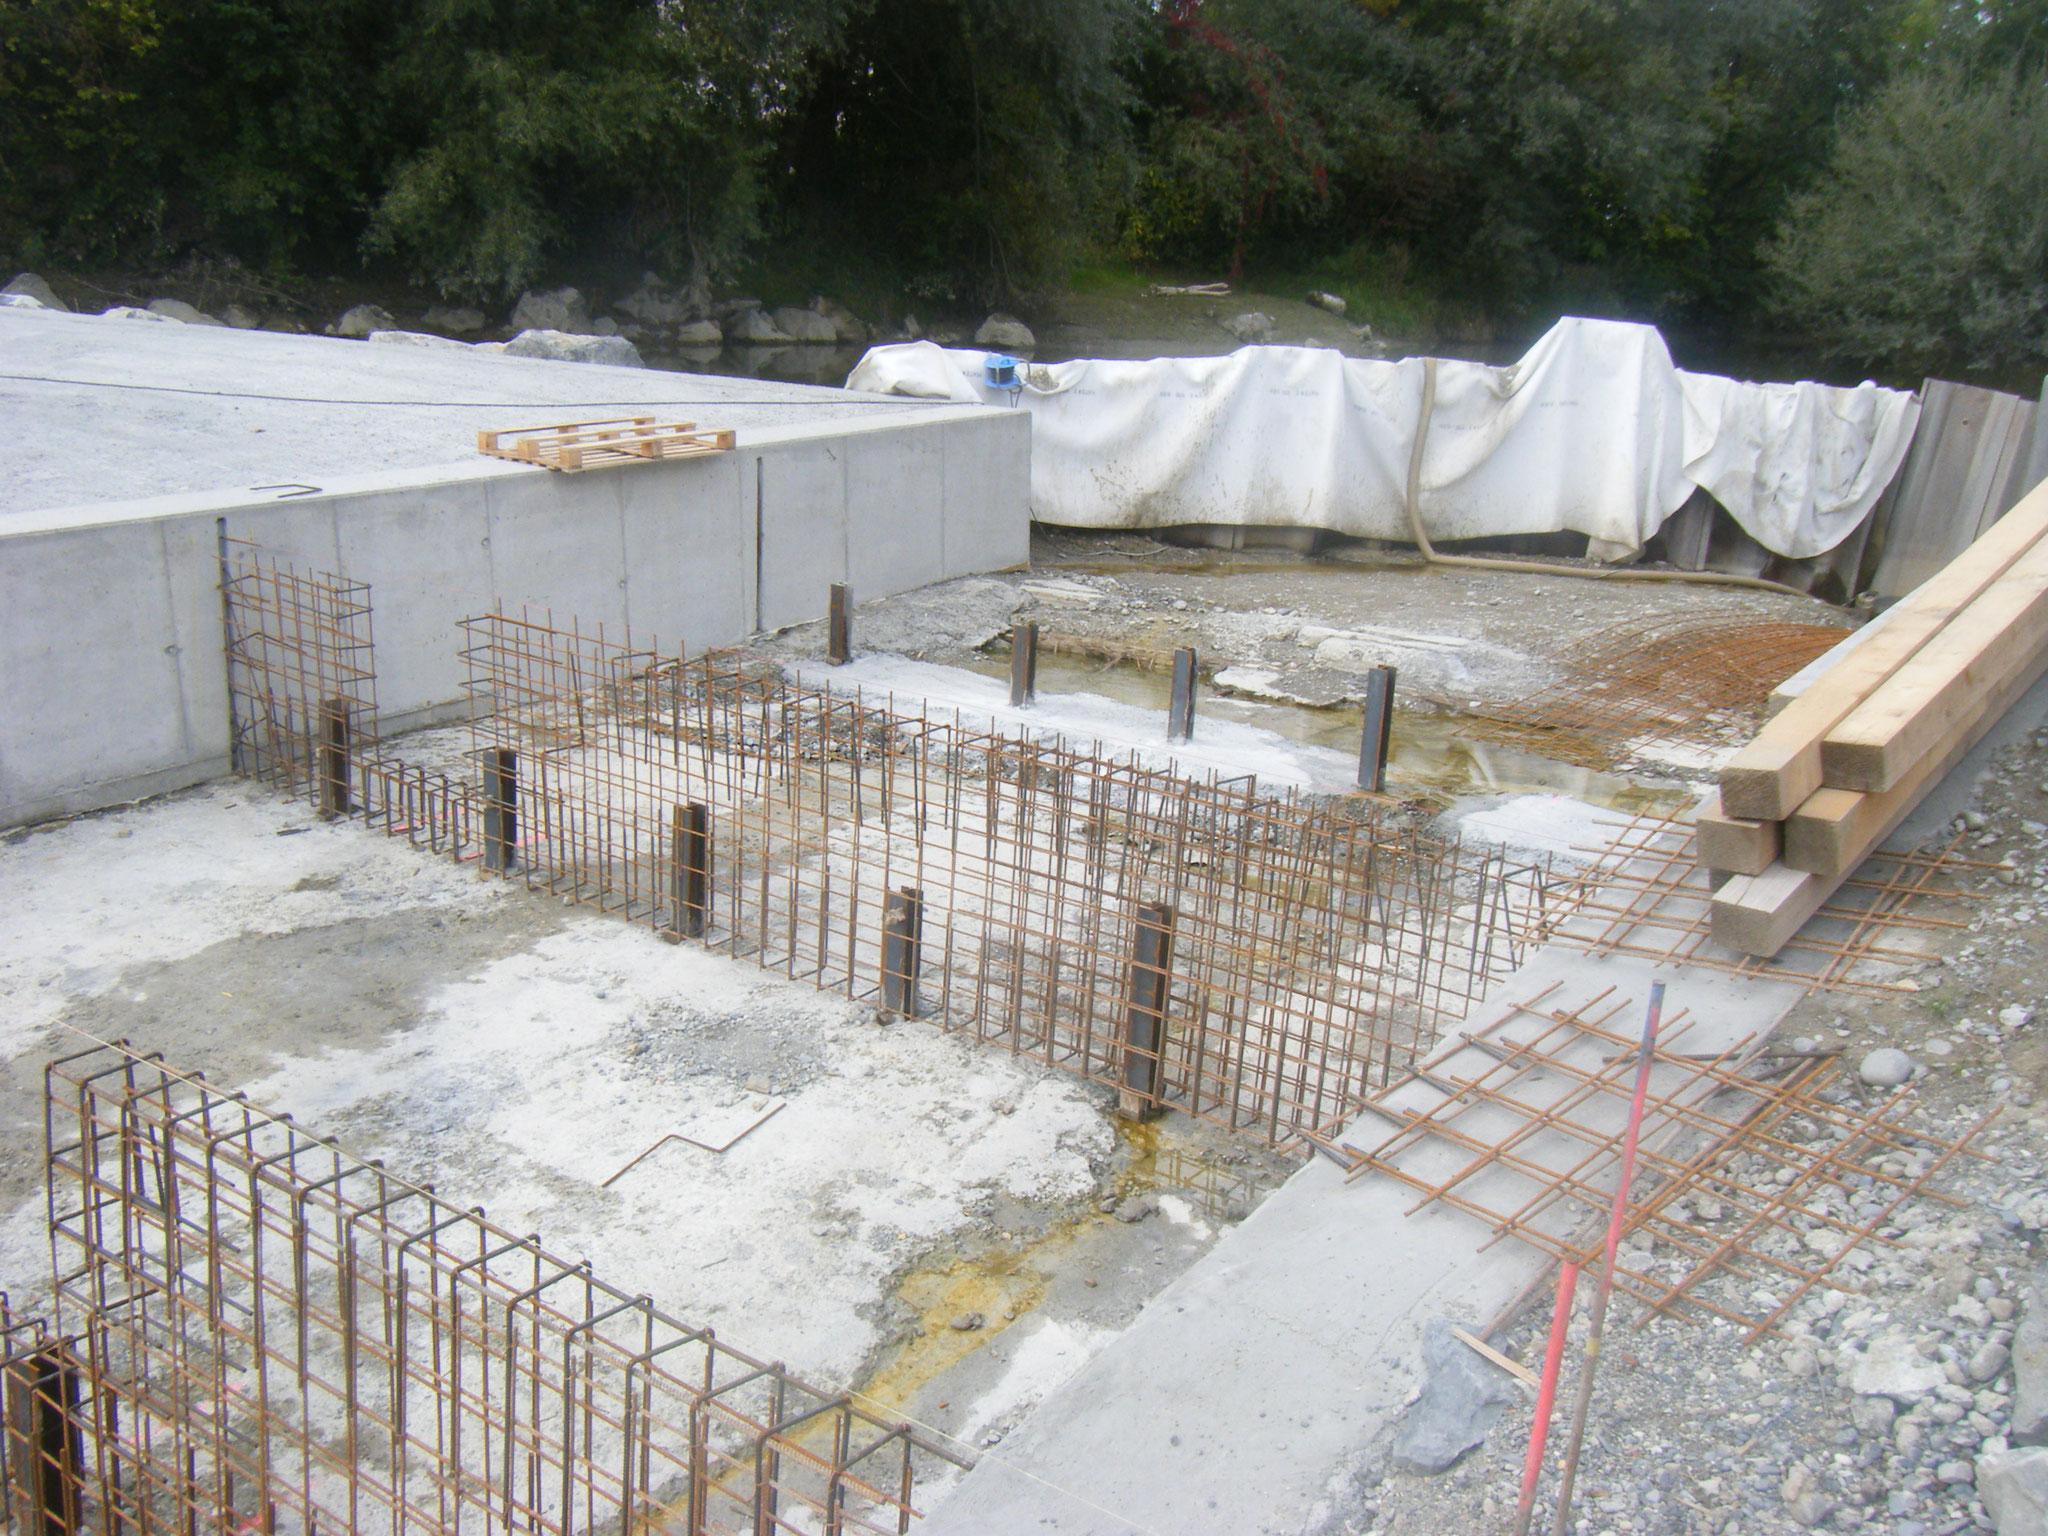 Vorbereitung für die betonierten Querverbauungen im oberen Teil der Rampe